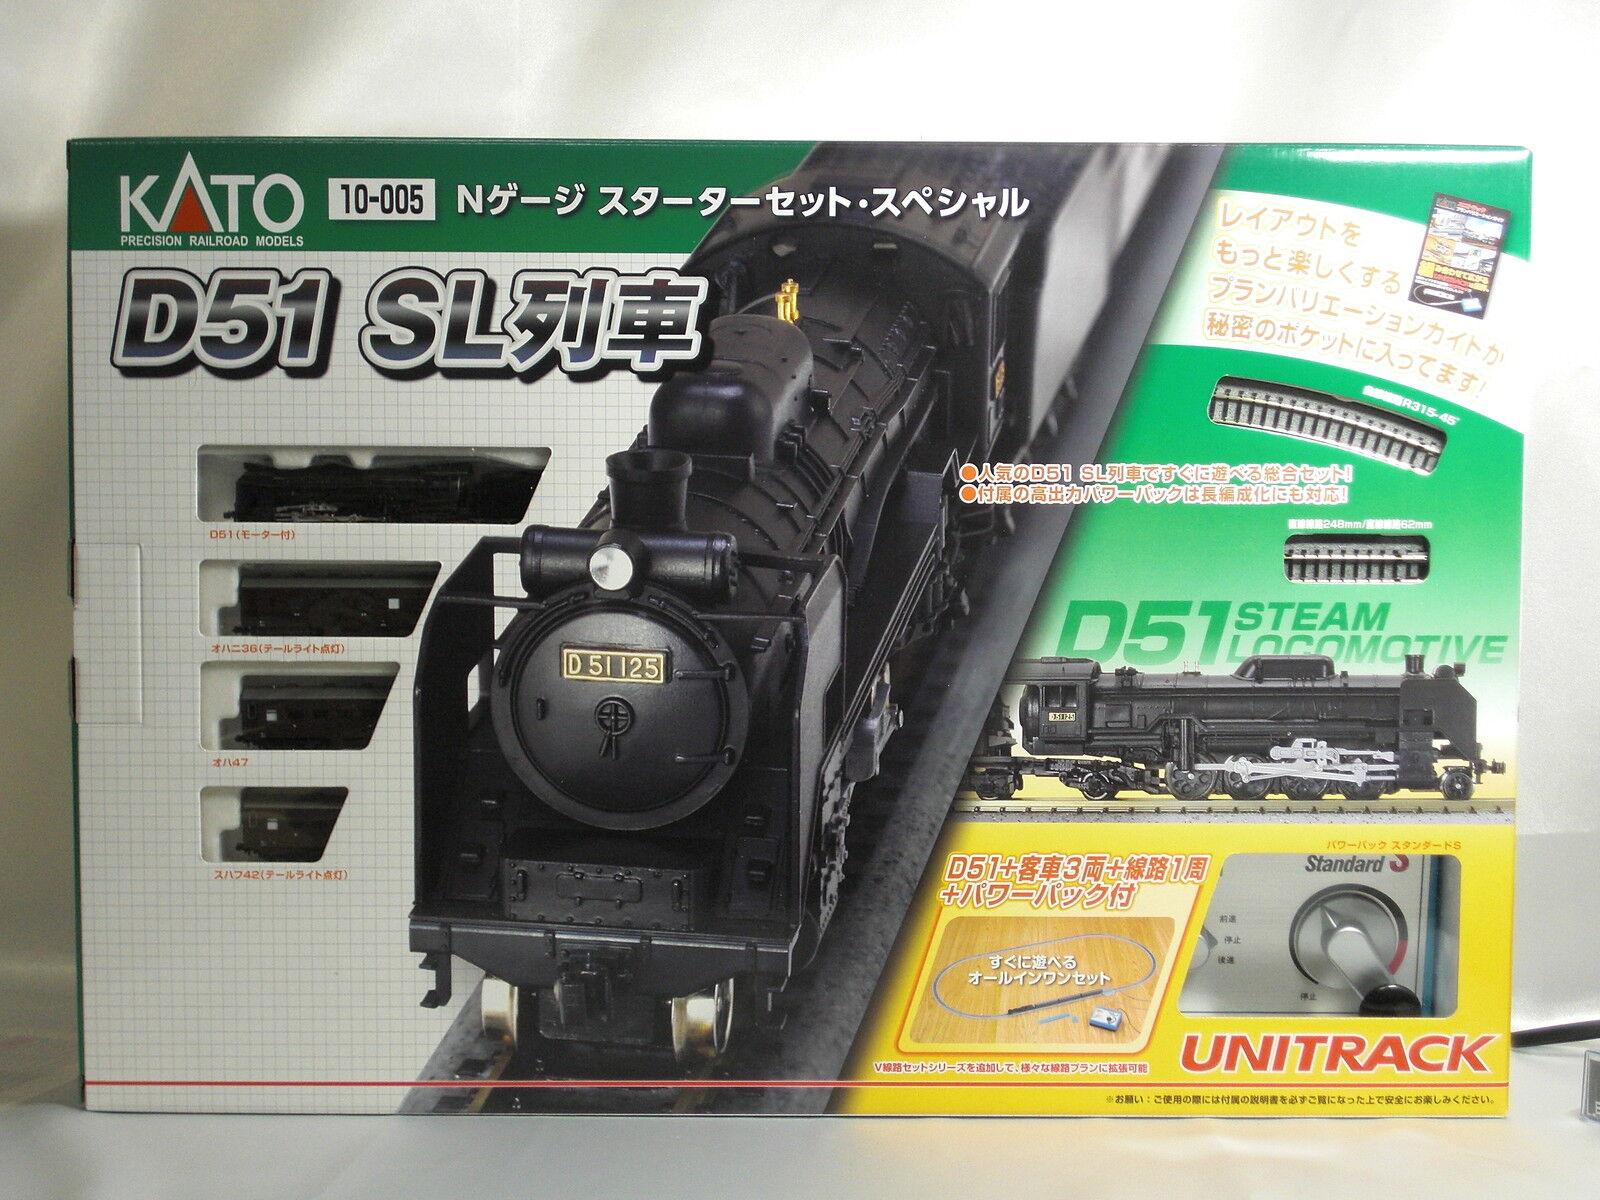 Kato n gauge Sternter set speziell Steam Locomotive 10-005 scale